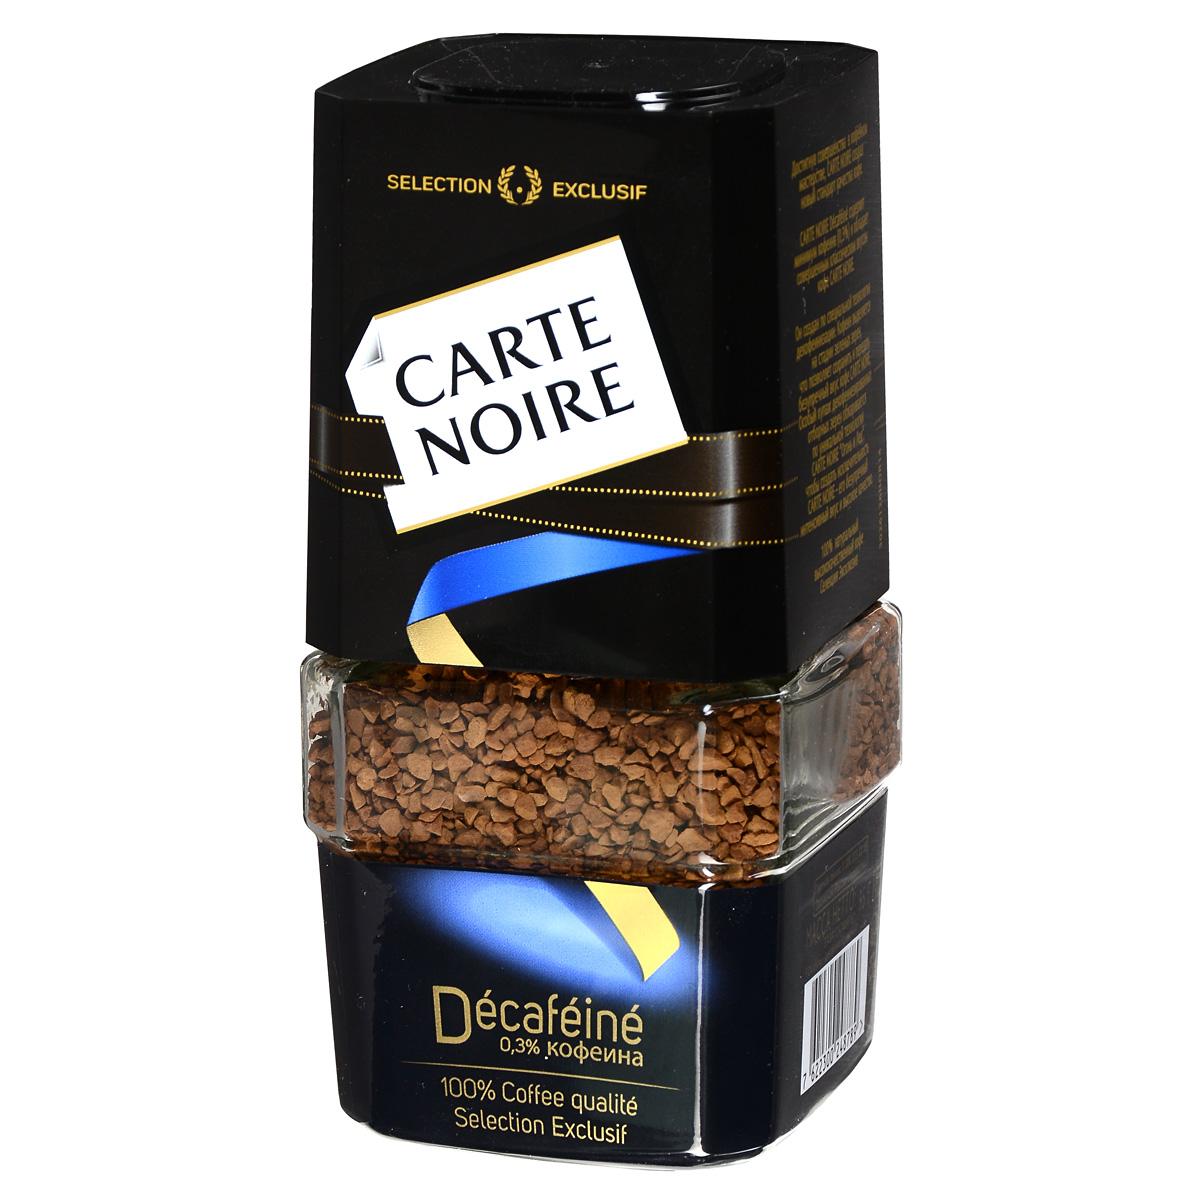 Carte Noire Decafeine кофе растворимый, 95 г (стеклянная банка)604354Carte Noire Decafeine содержит минимум кофеина (0,3%) и обладает совершенным классическим вкусом кофе Carte Noire.Он создан по специальной технологии декофеинизации: кофеин выделяется на стадии зеленых зерен, что позволяет сохранить и передать безупречный вкус кофе Carte Noire. Особый купаж декофеинезированных отборных зерен обжариваются по уникальной технологии Carte Noire Огонь и Лед, чтобы создать исключительность Carte Noire - его безупречный интенсивный вкус и высокое качество.